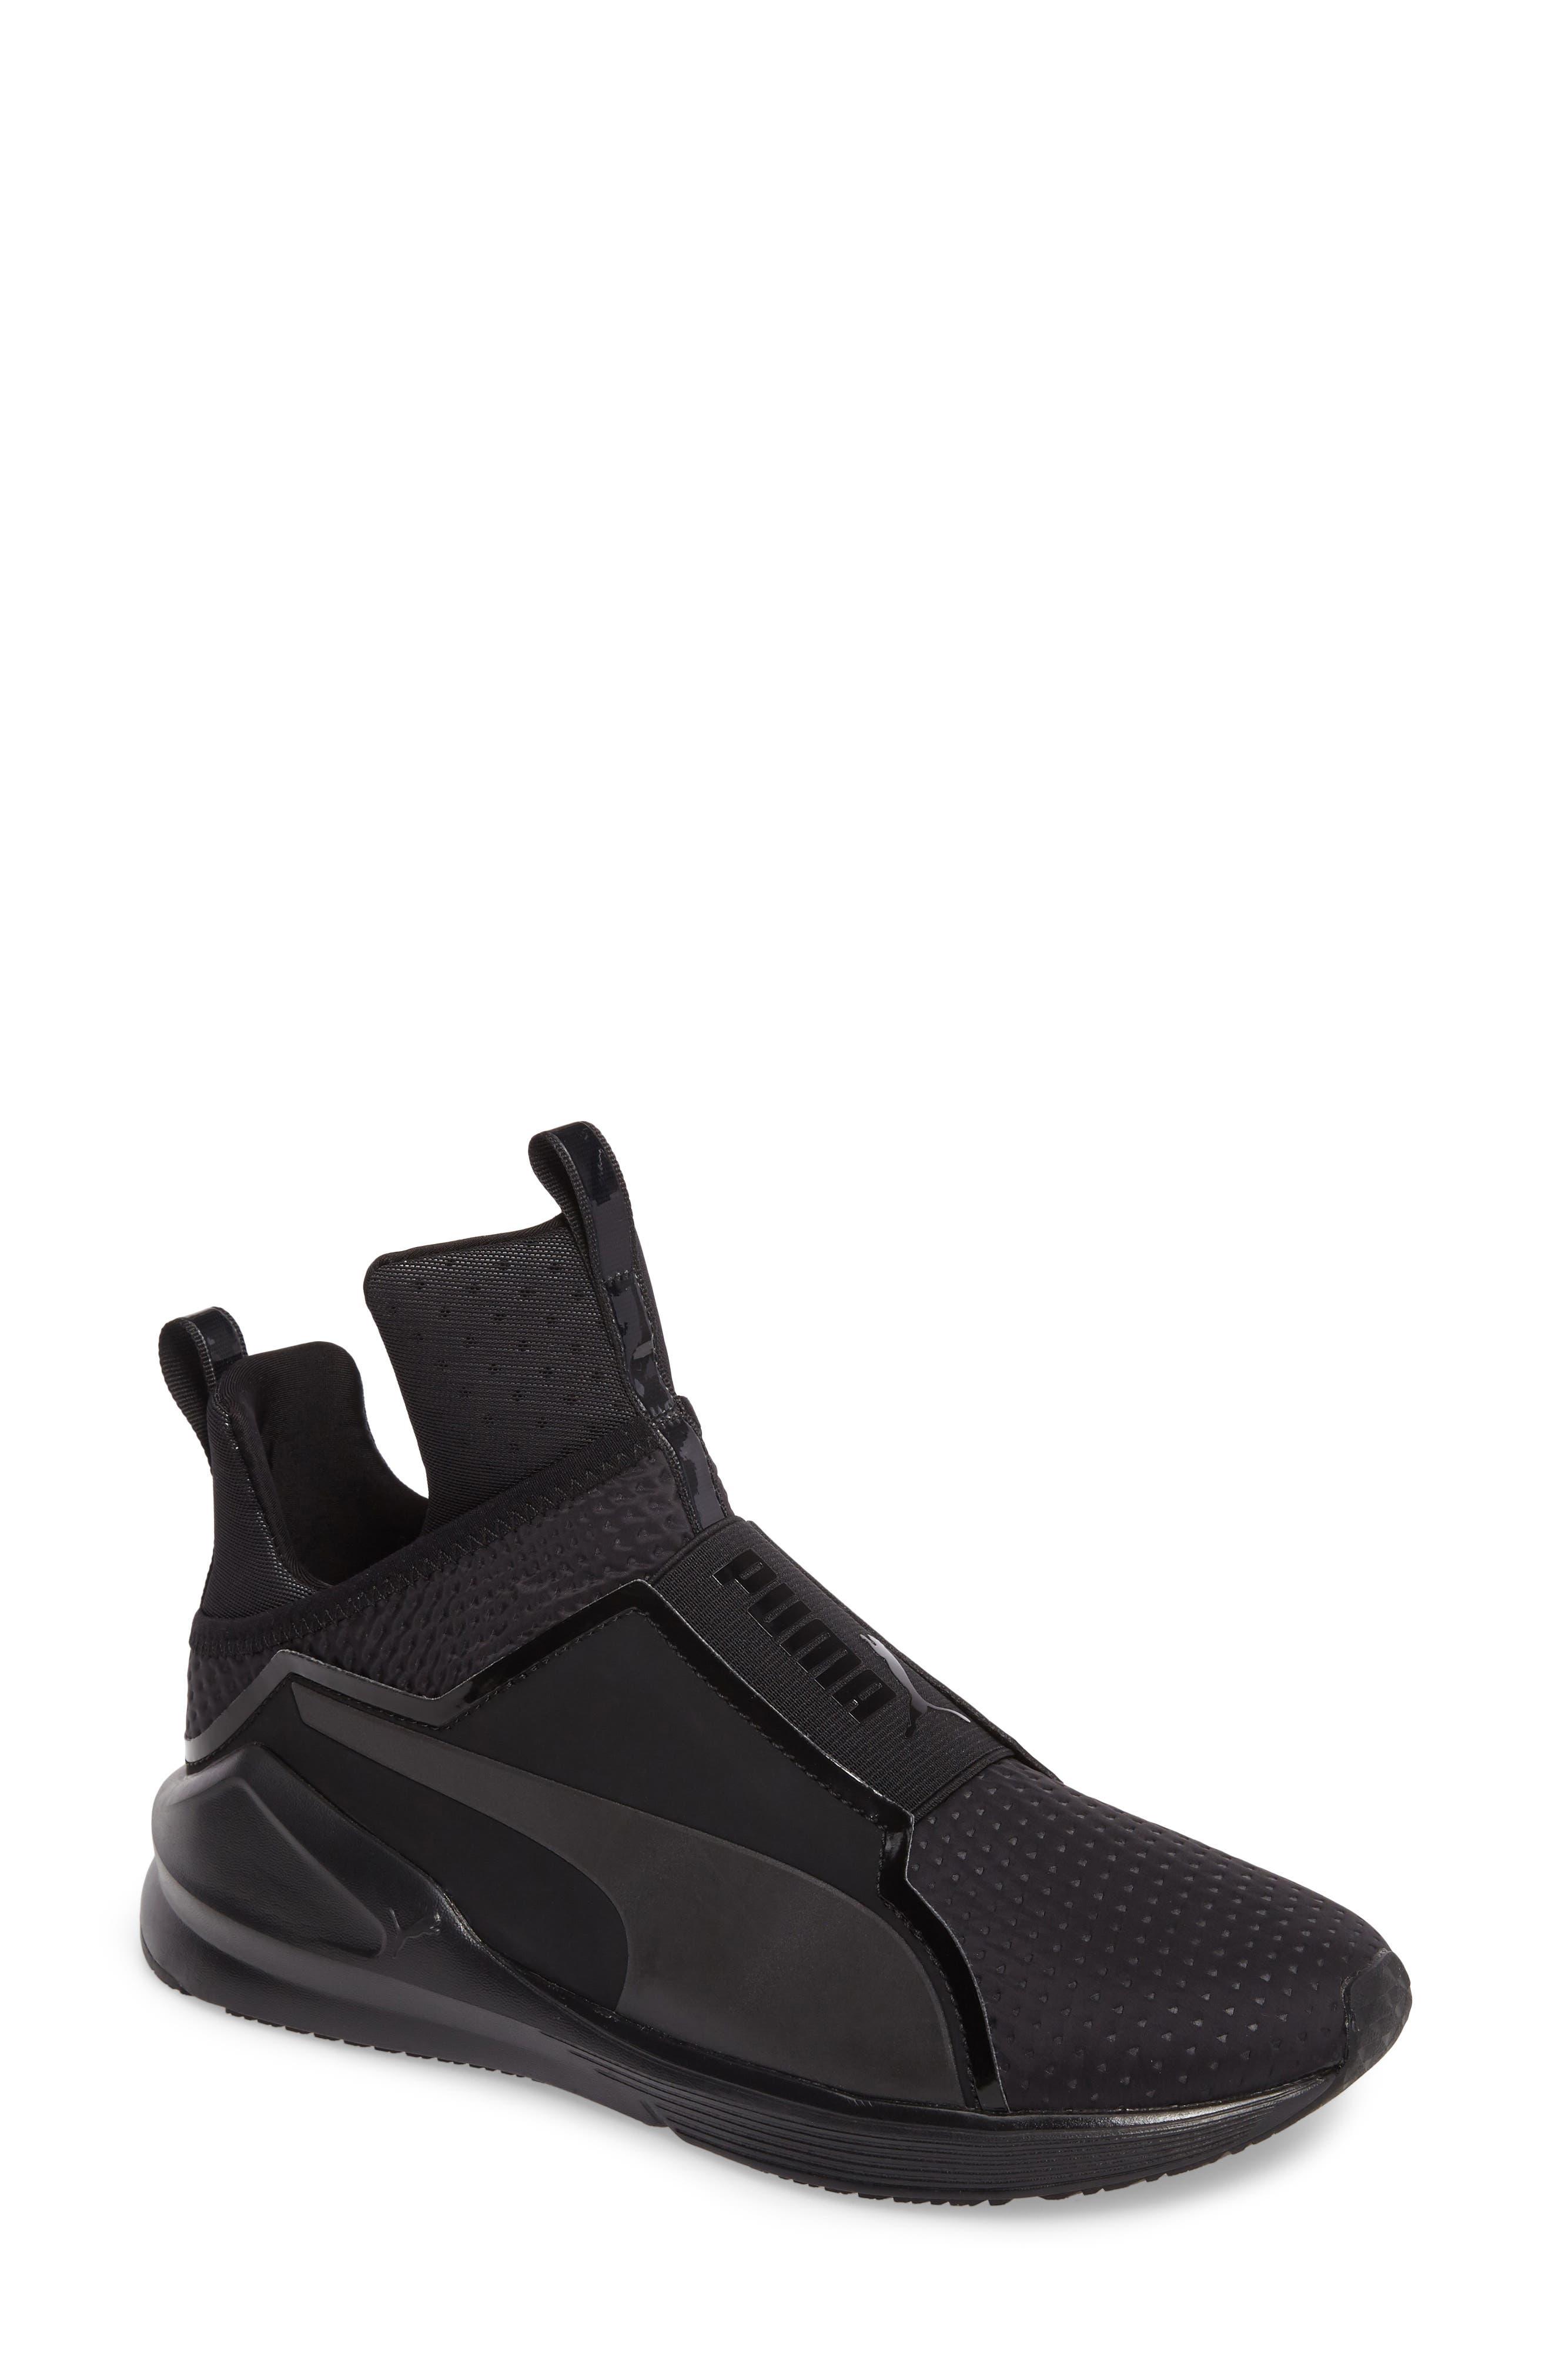 Main Image - PUMA 'Fierce Core' High Top Sneaker (Women)